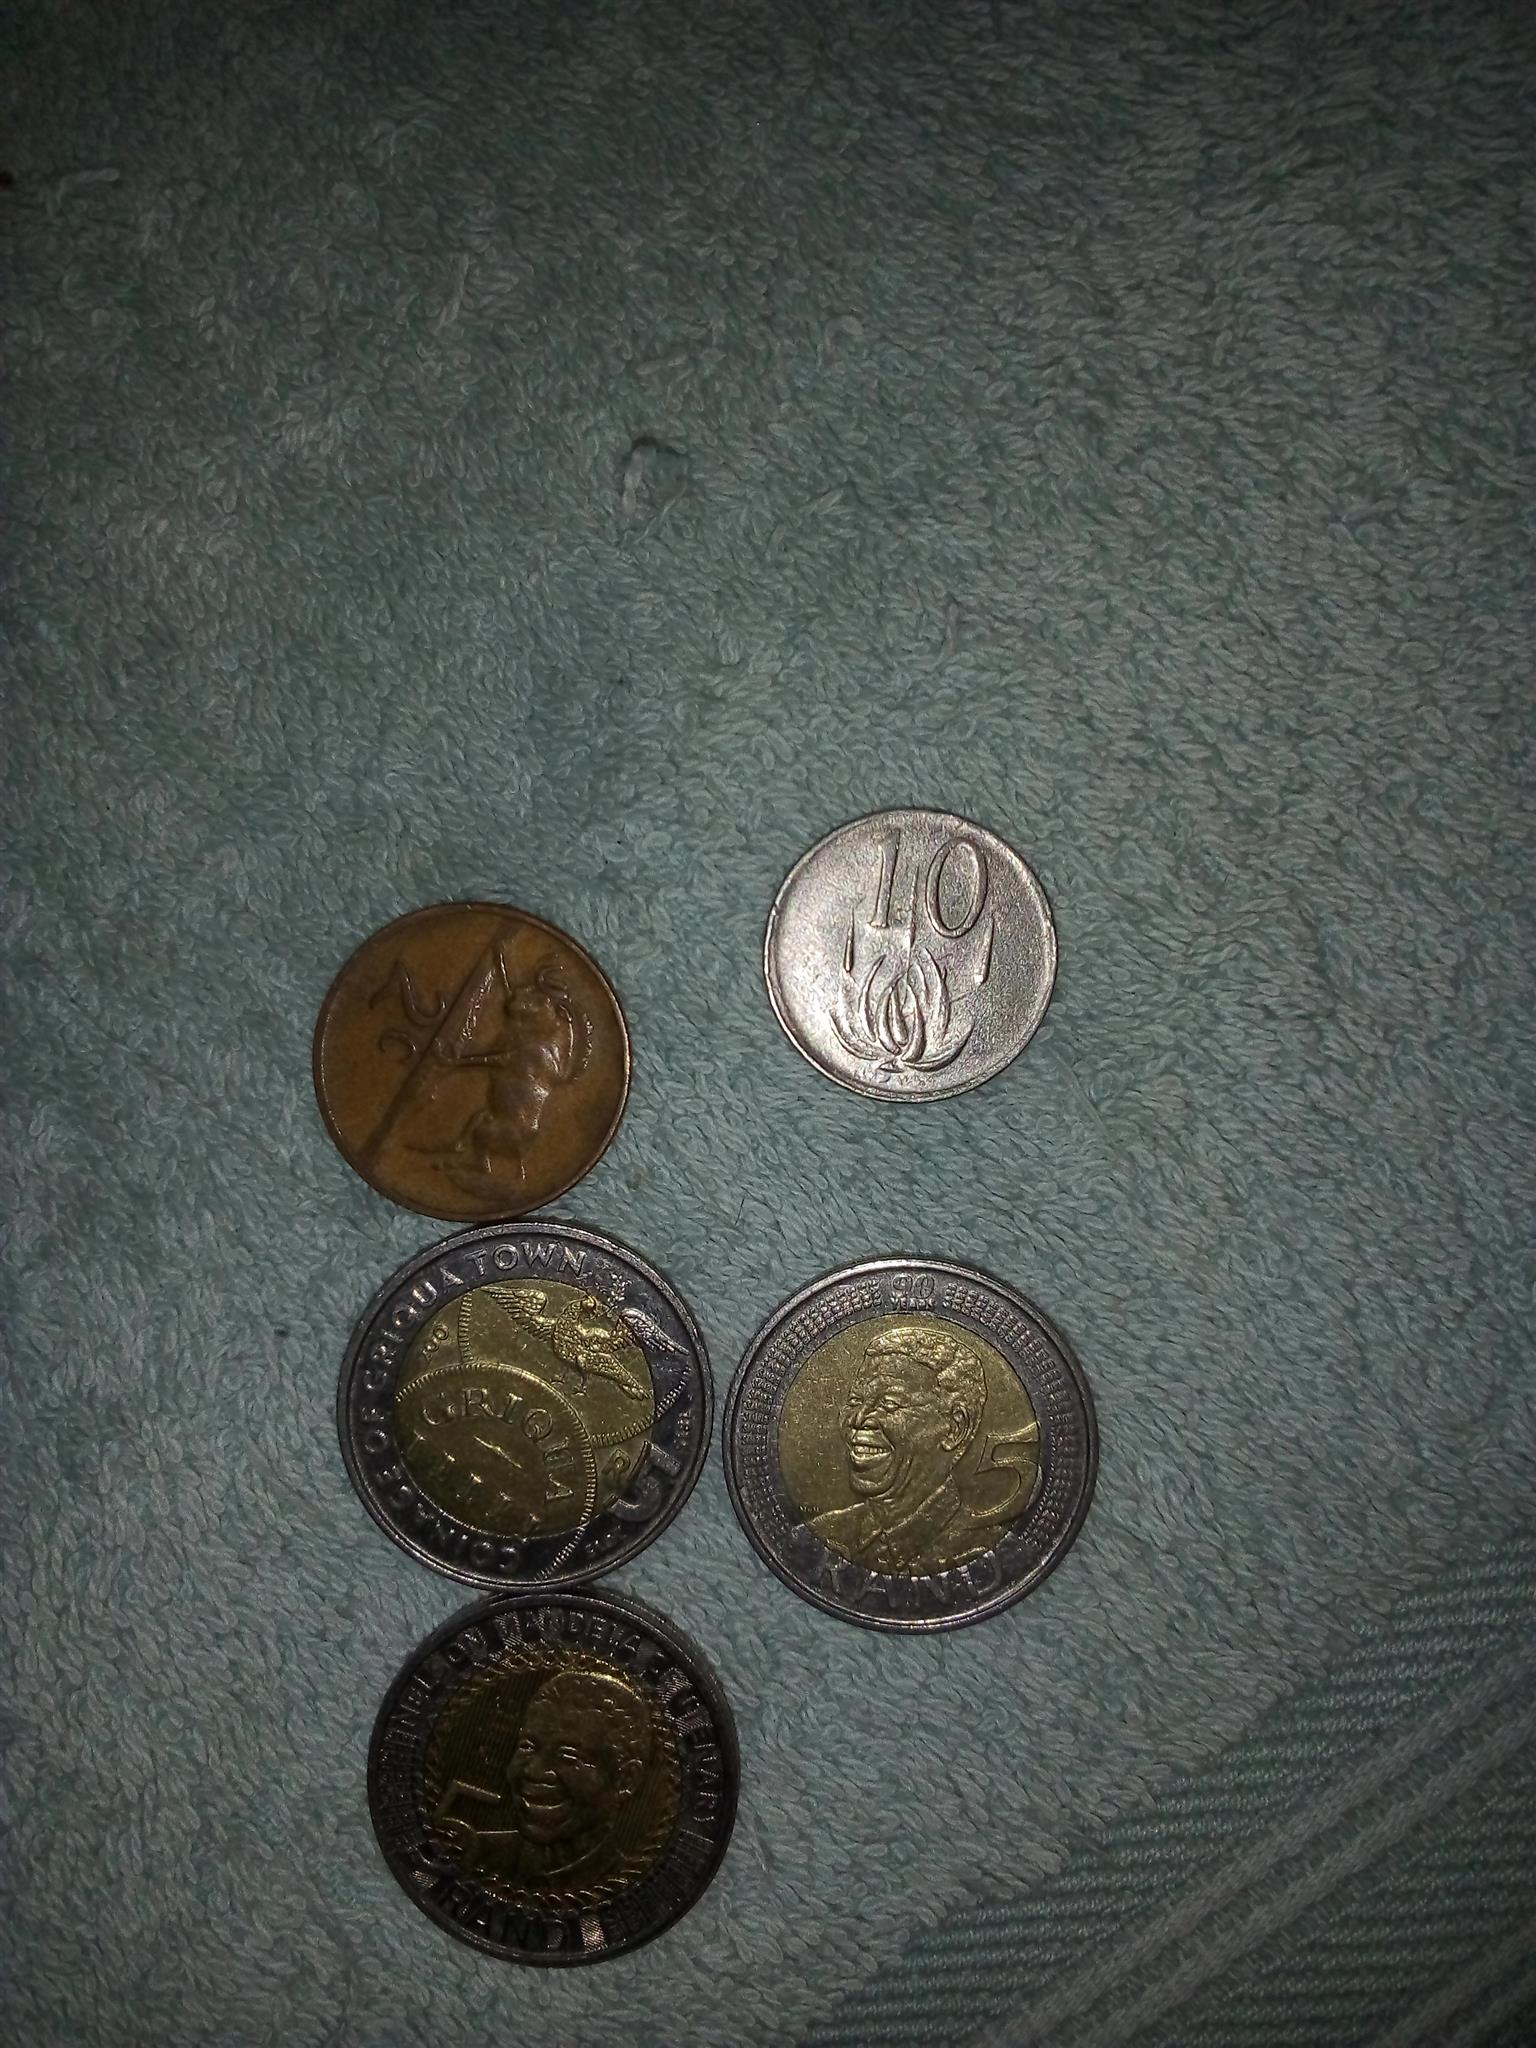 R5 coins